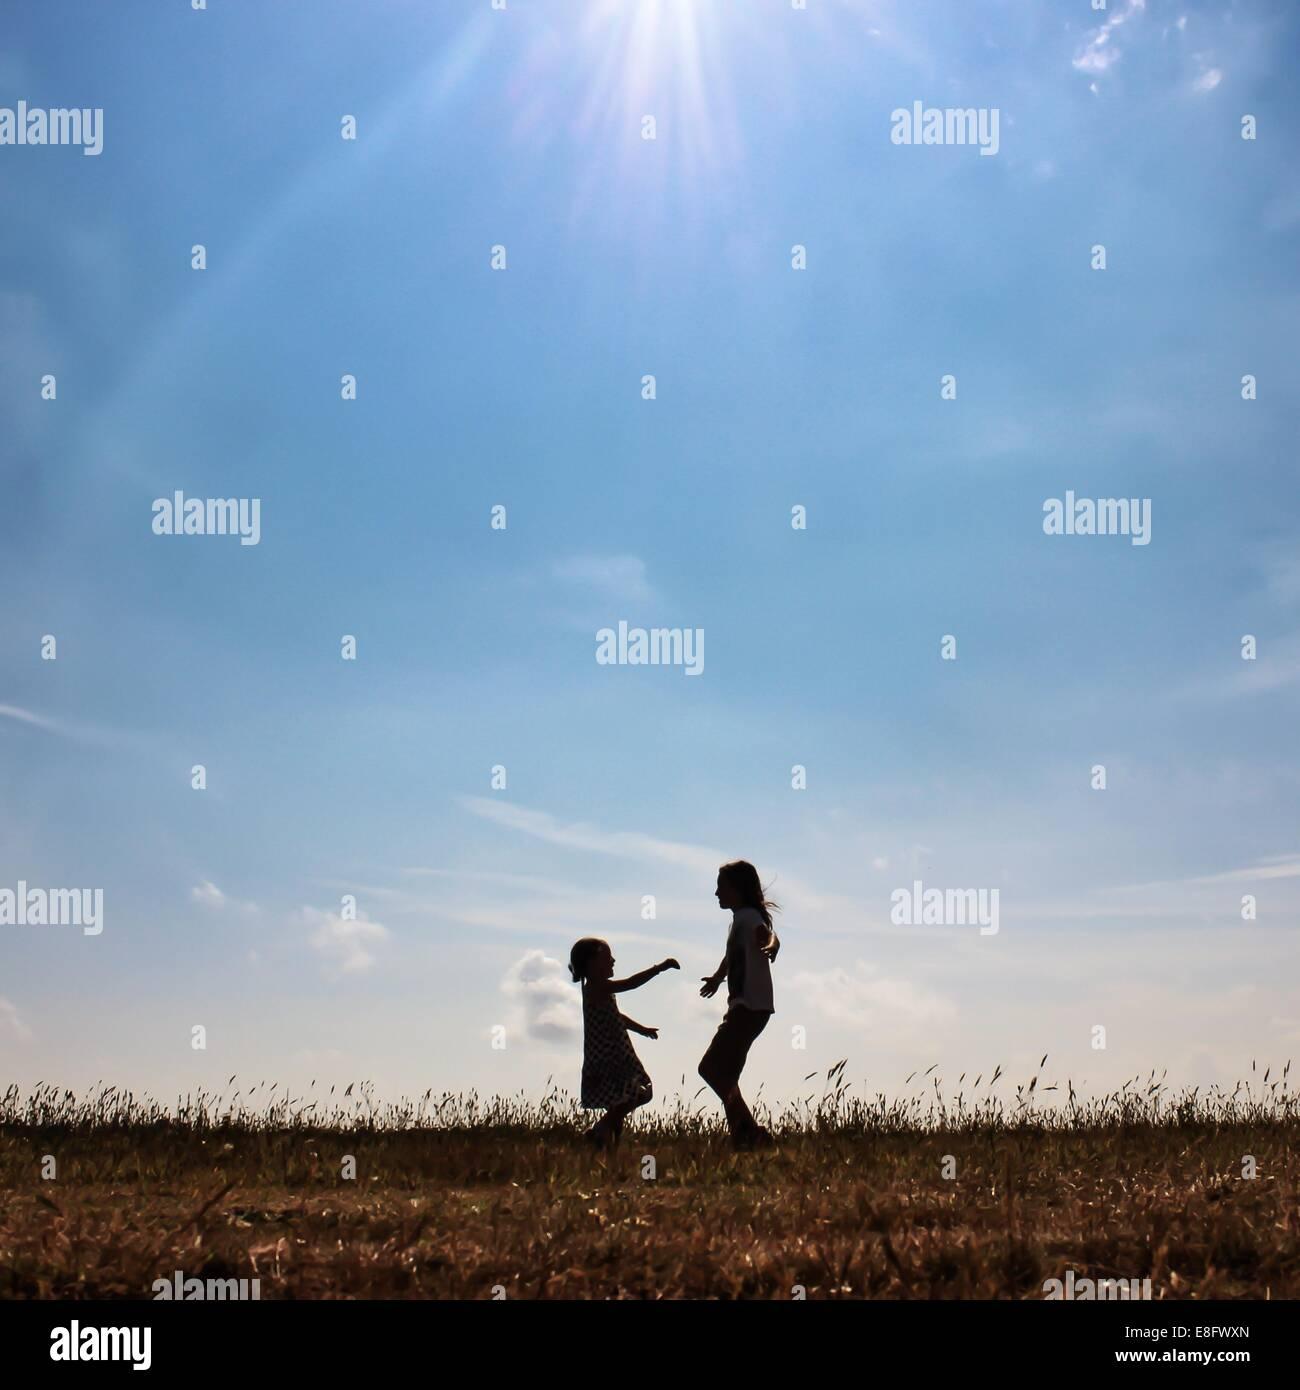 Silueta de dos niñas jugando en una pradera Imagen De Stock